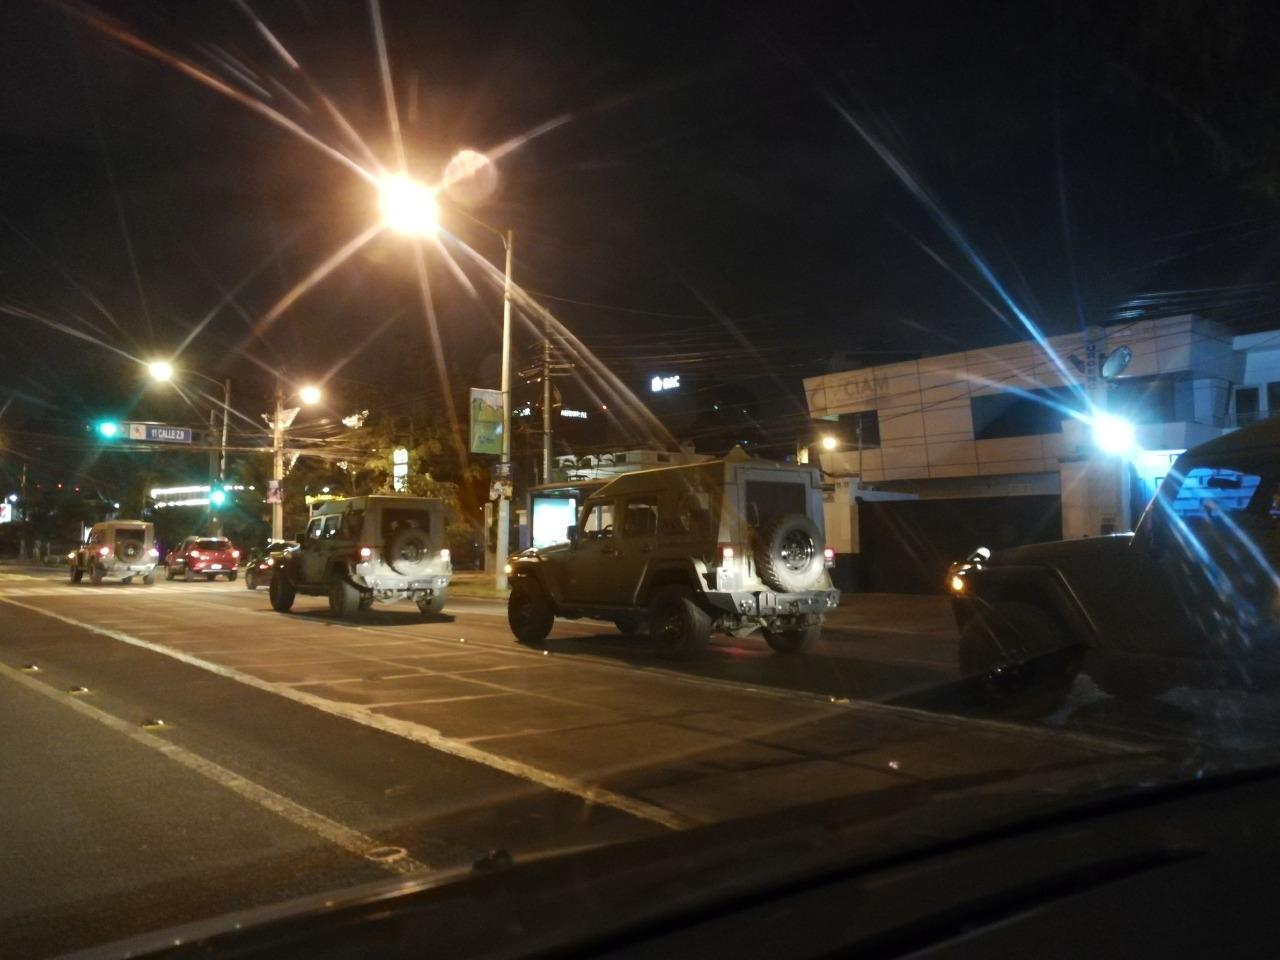 Usuarios captan a los vehículos J8 por calles de la ciudad. (Foto: Cortesía Henry Morales Arana)